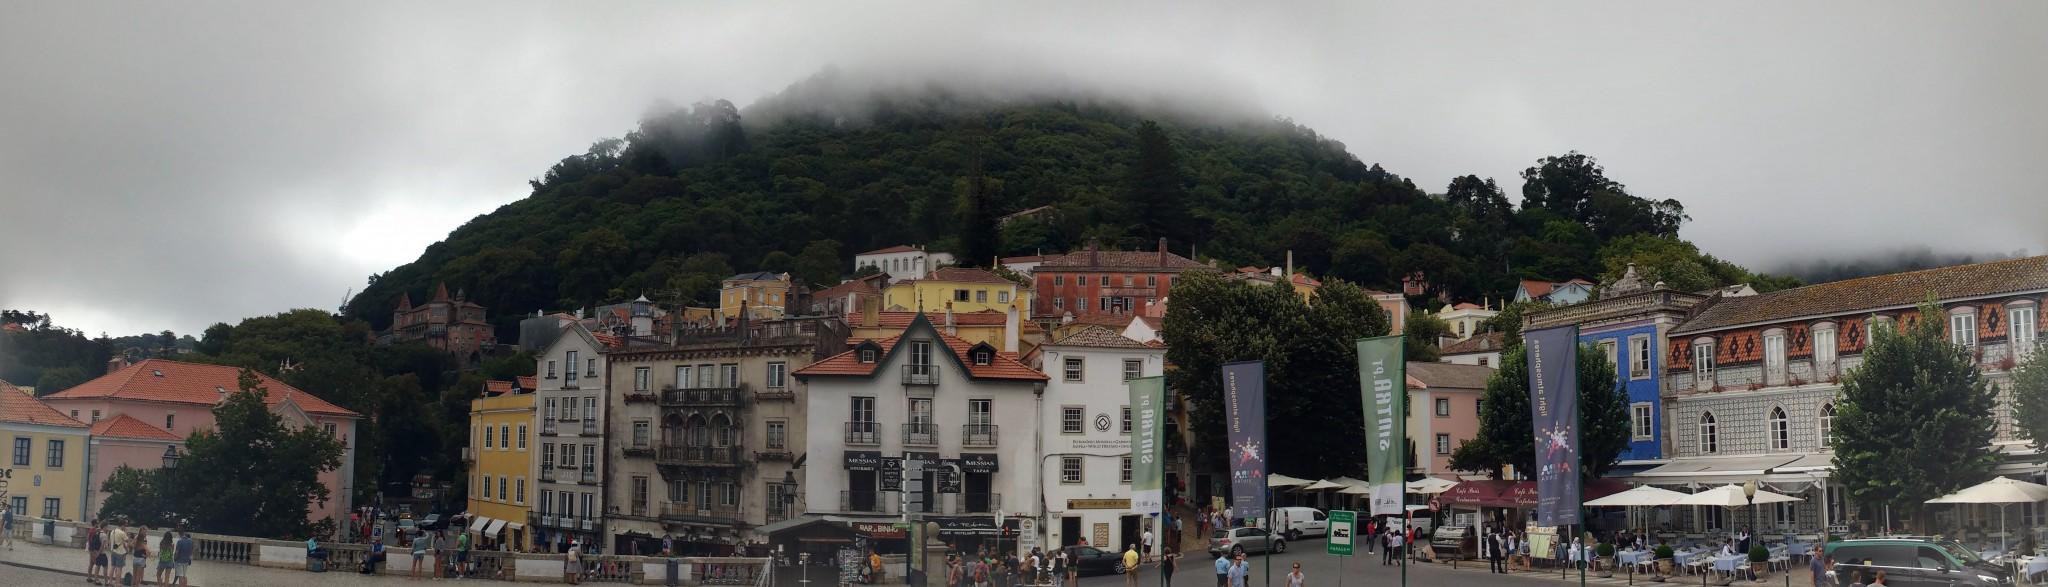 Le brouillard ne permettait même pas de voir les hauteurs de la ville de Sintra. Impressionnant de voir cette colline disparaître dans les nuages !